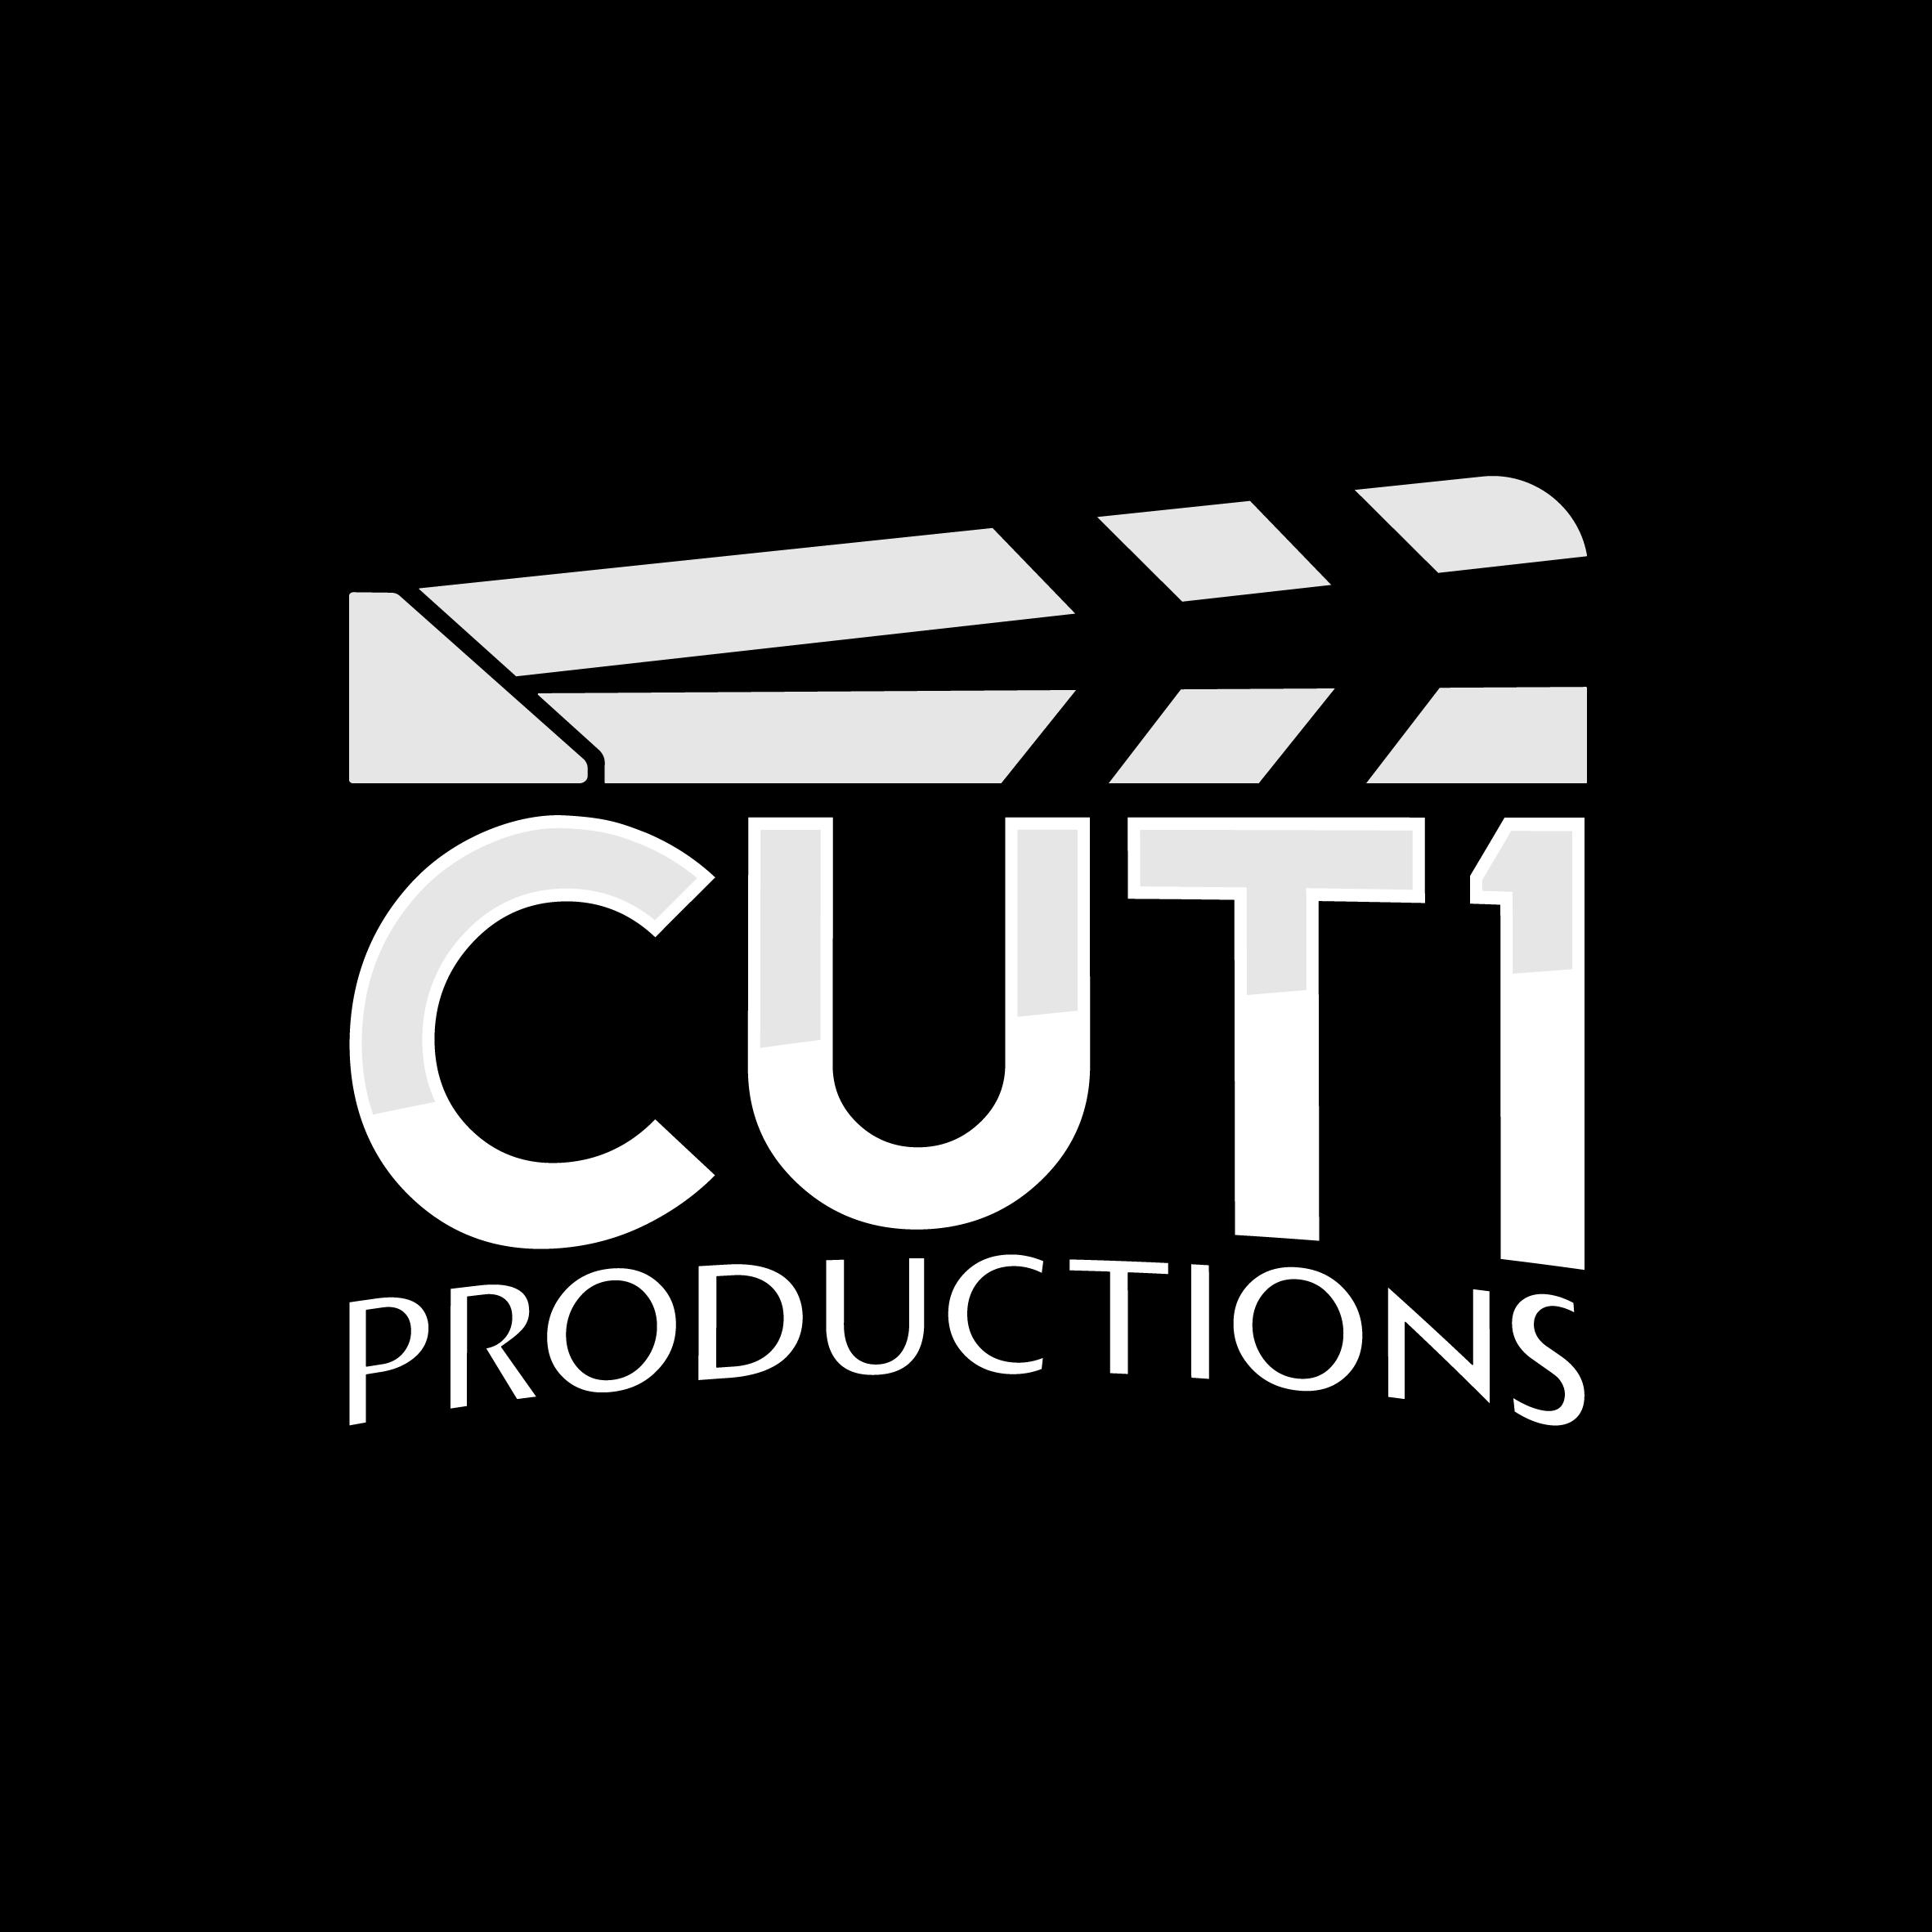 Logo Cut1 Productions_Web Site_outline